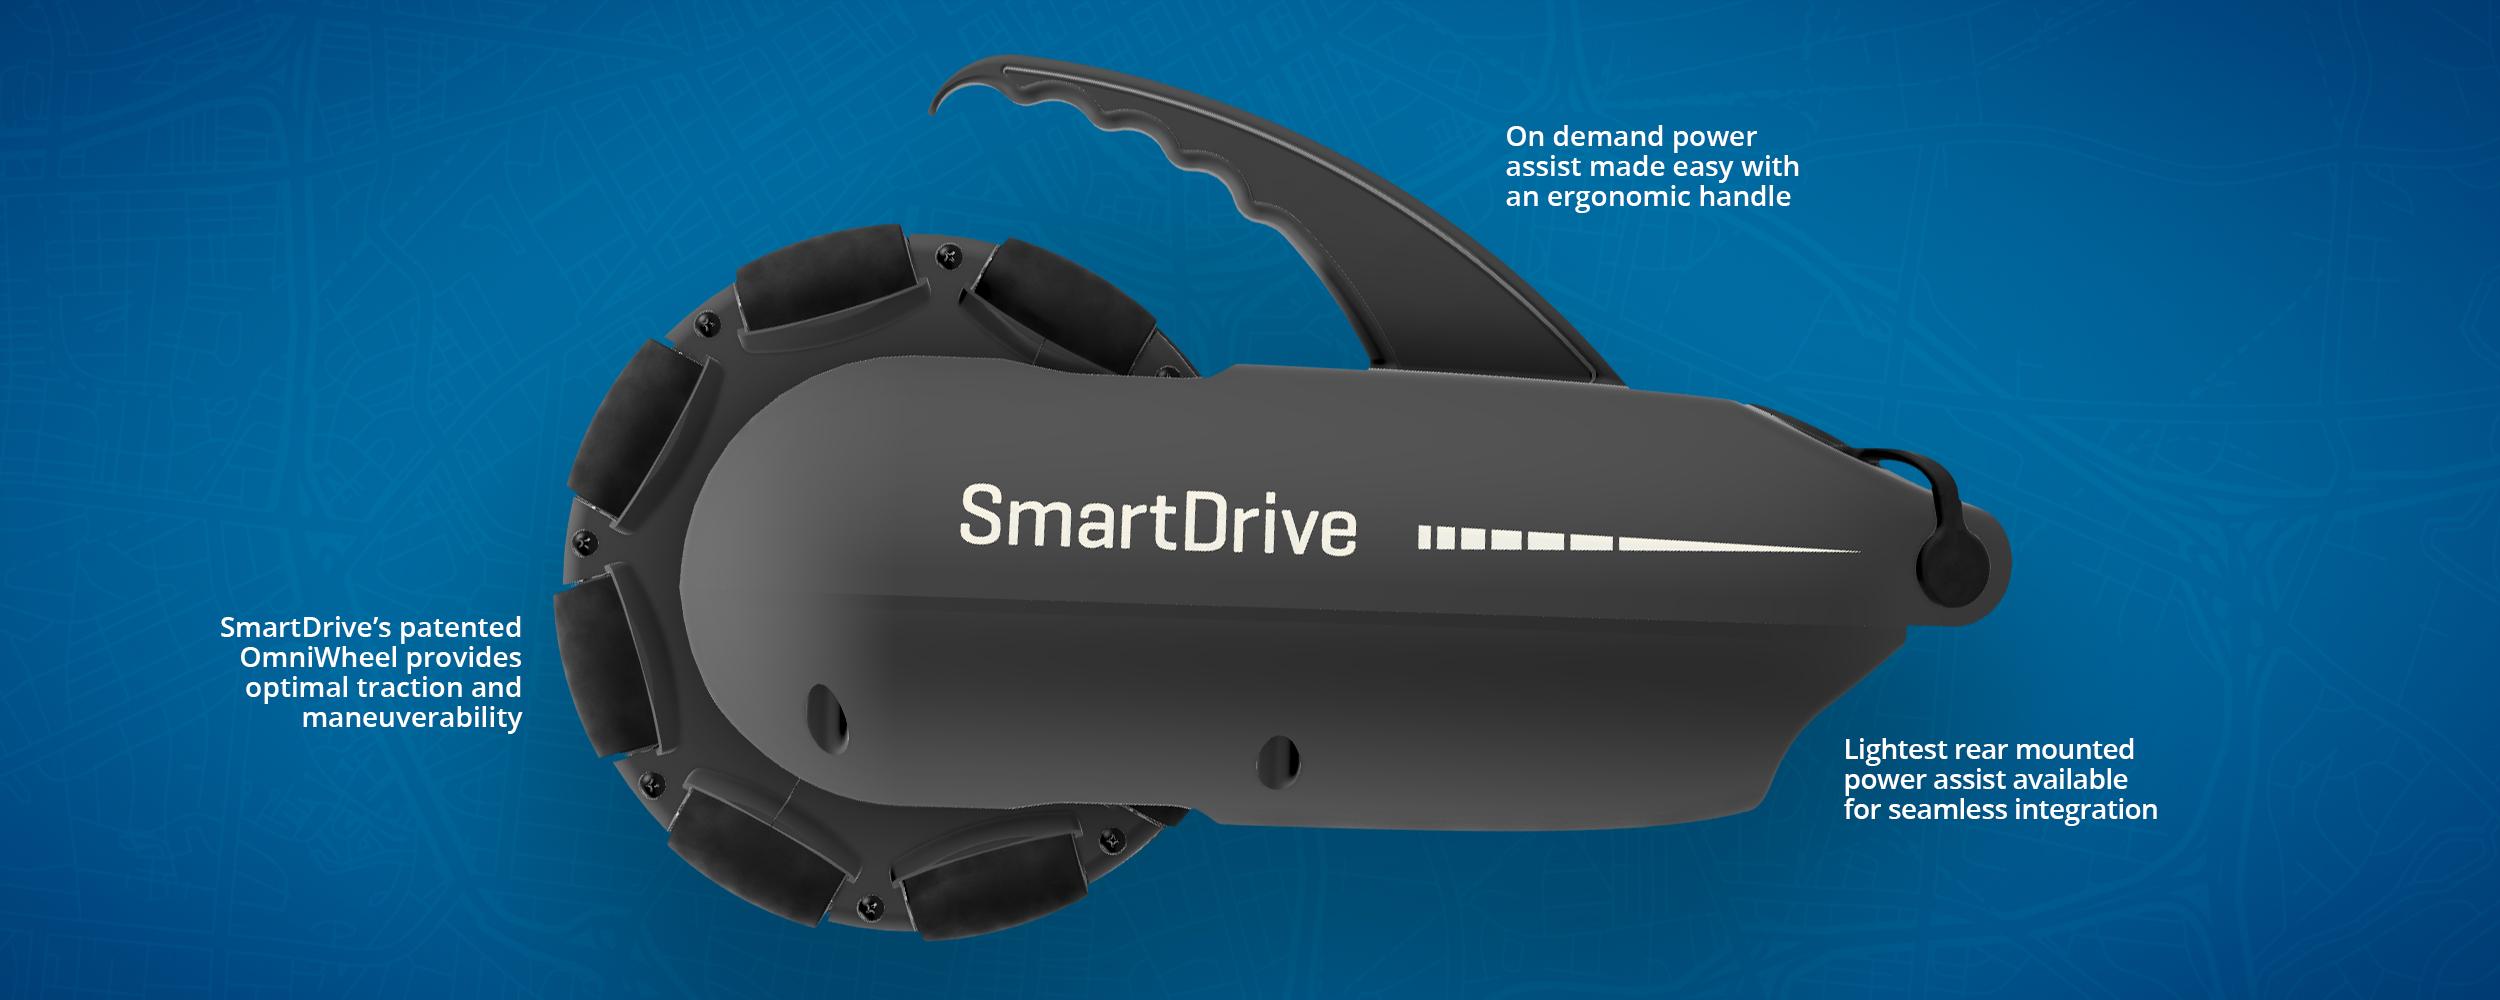 SmartDrive_2500x1000